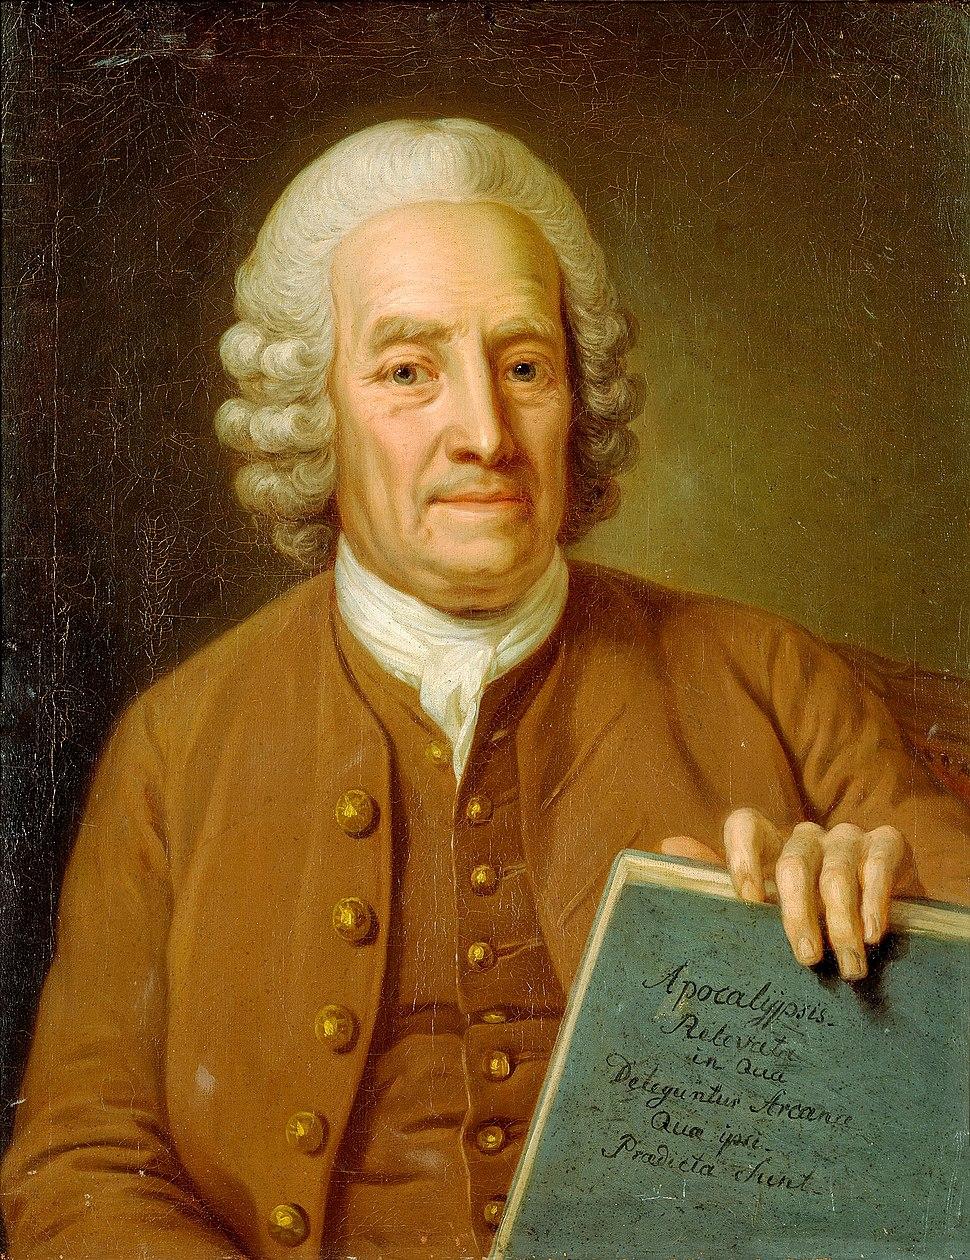 Emanuel Swedenborg full portrait